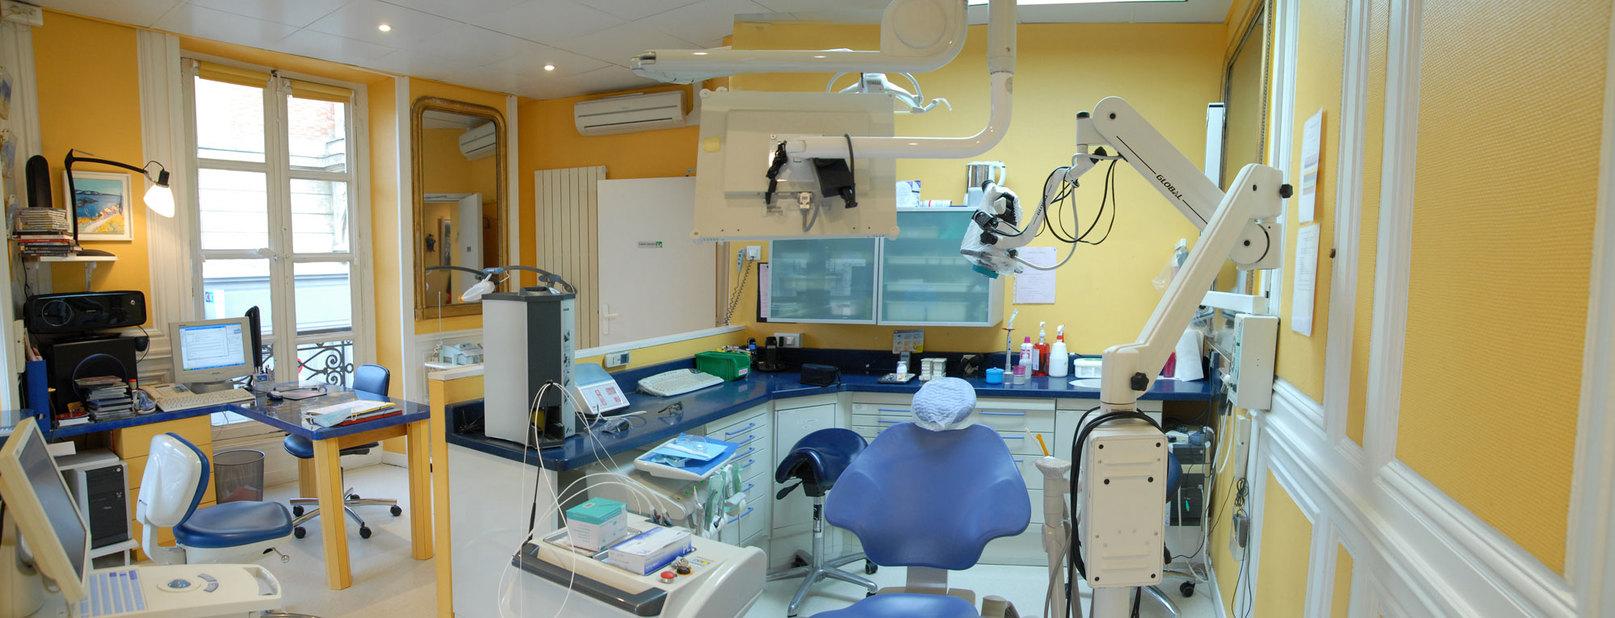 ecole de prothesiste dentaire en ile de france [04/05/14] ecole dentaire française vous accueille aujourd'hui de 9h30 à 14h30 pour une journée portes ouvertes sur les formations en prothèse dentaire  rendez-vous au 1 bis rue de l'est 75020 paris.